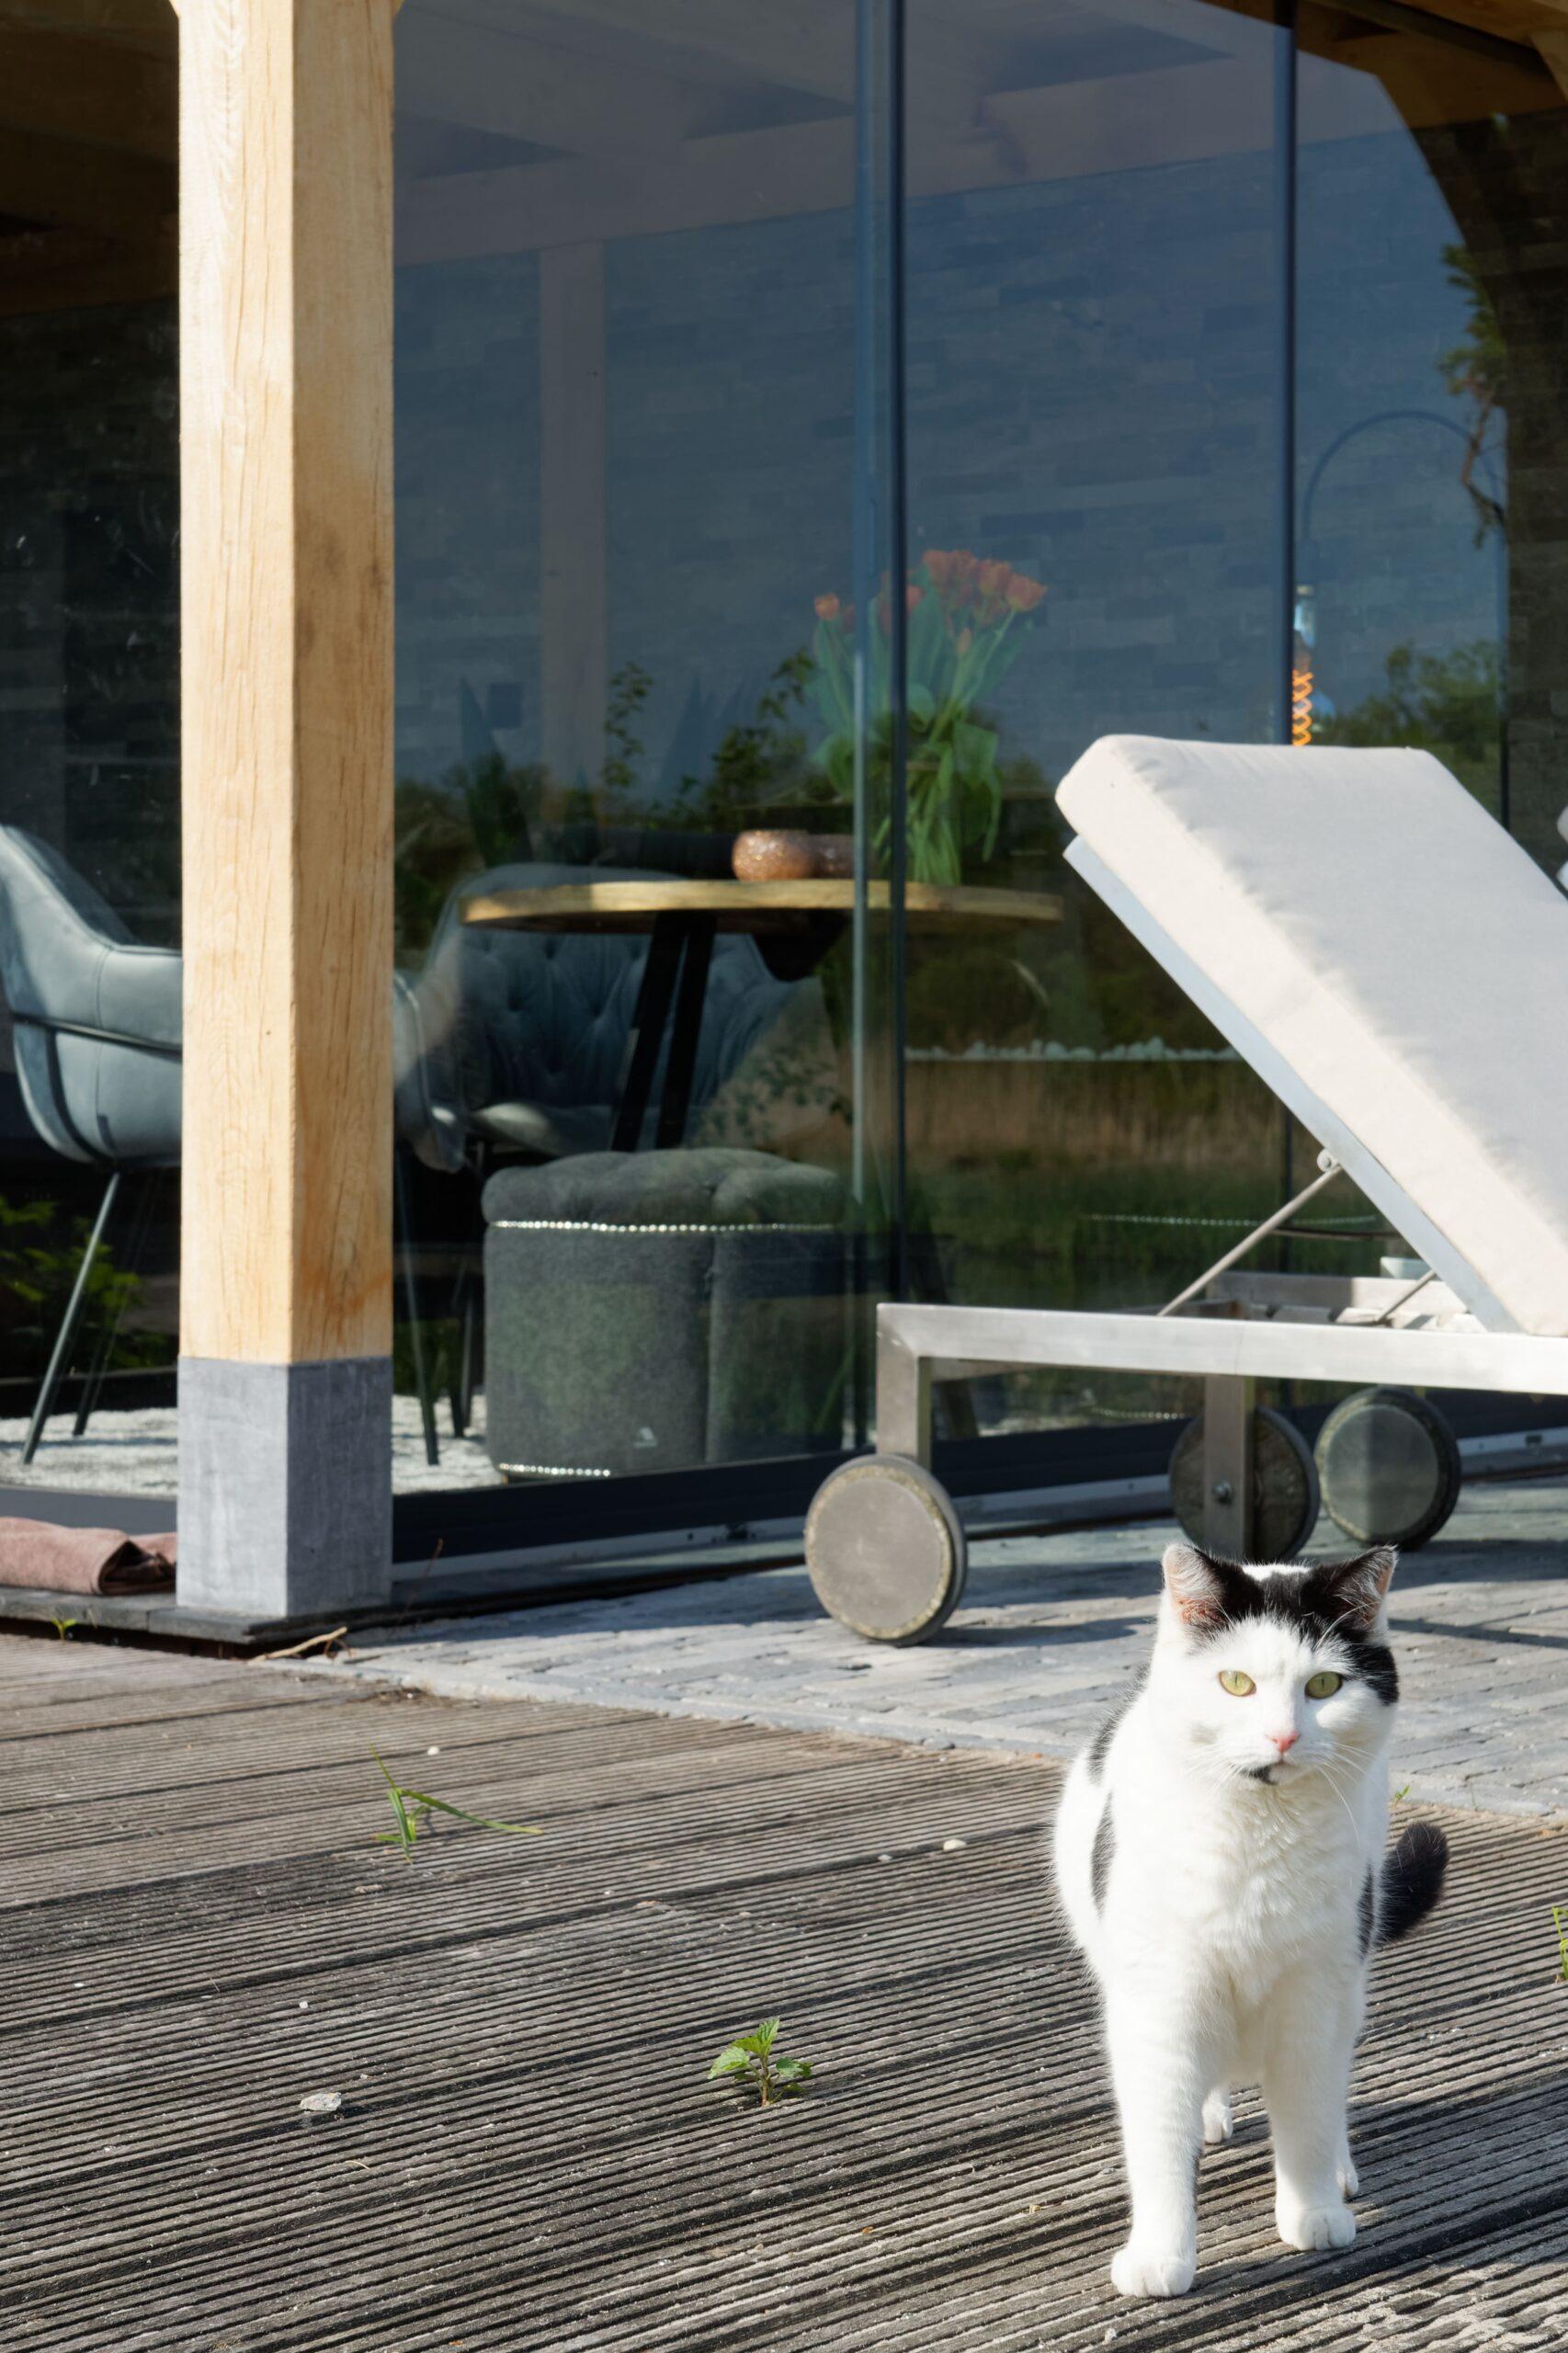 Luxe-tuinkamer-aan-het-water-17-scaled - Project Kortenhoef: Luxe tuinkamer aan het water